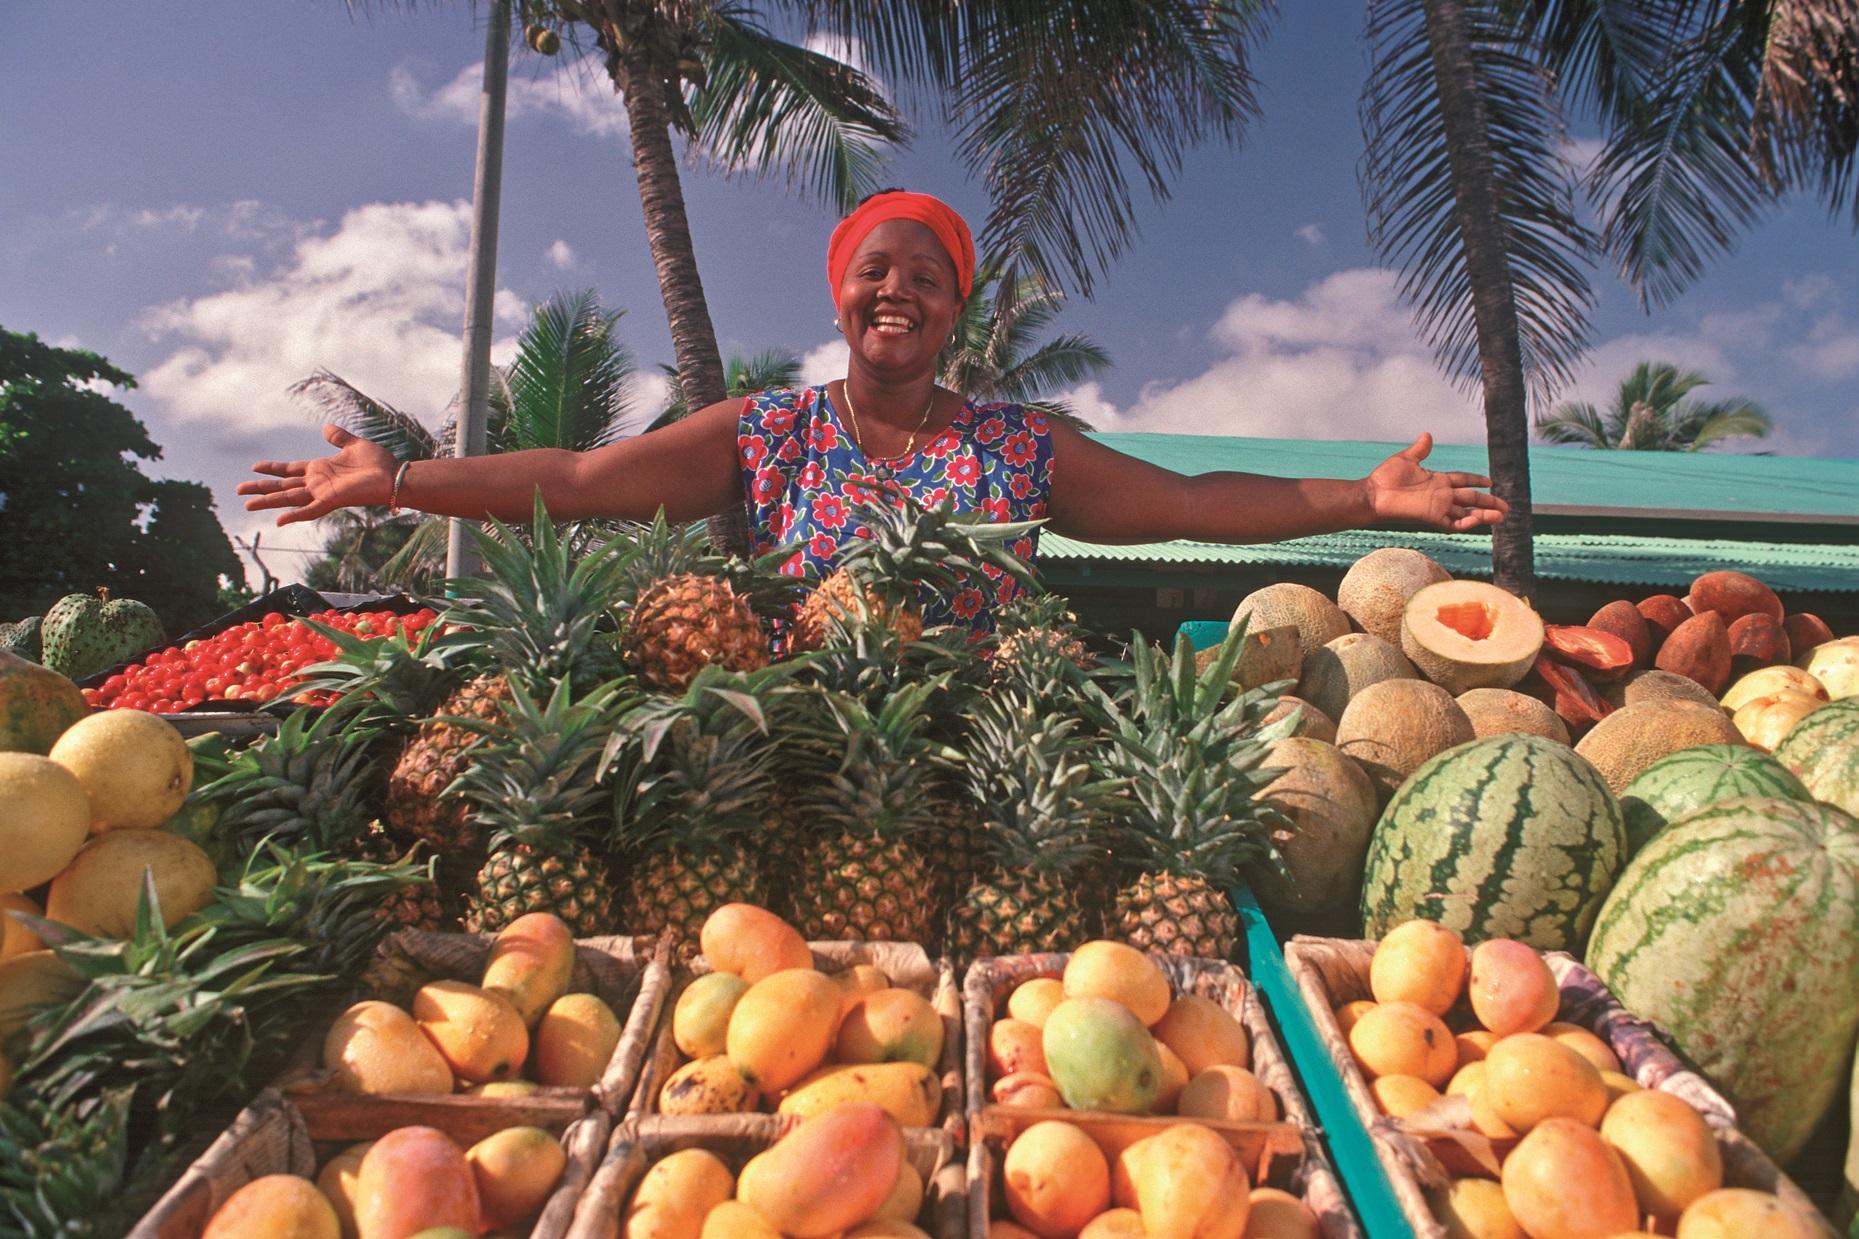 Fruchtverkäuferin am Strand von Puerto Plata